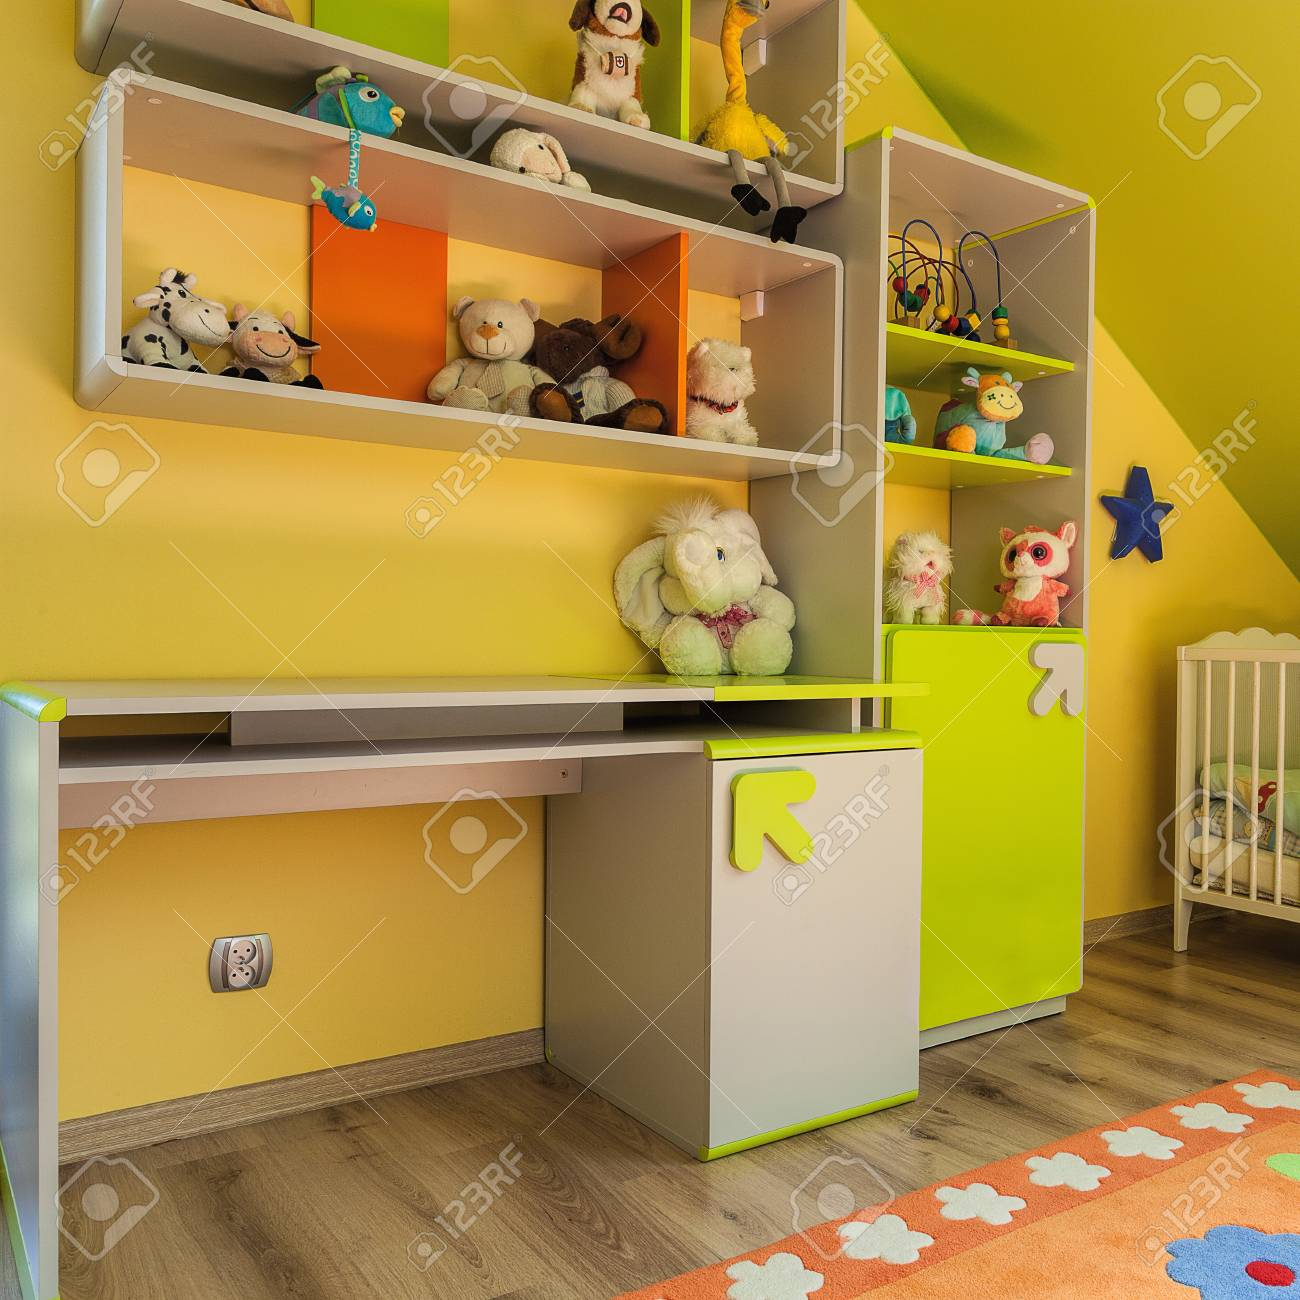 Appartement urbain - chambre verte et jaune bébé